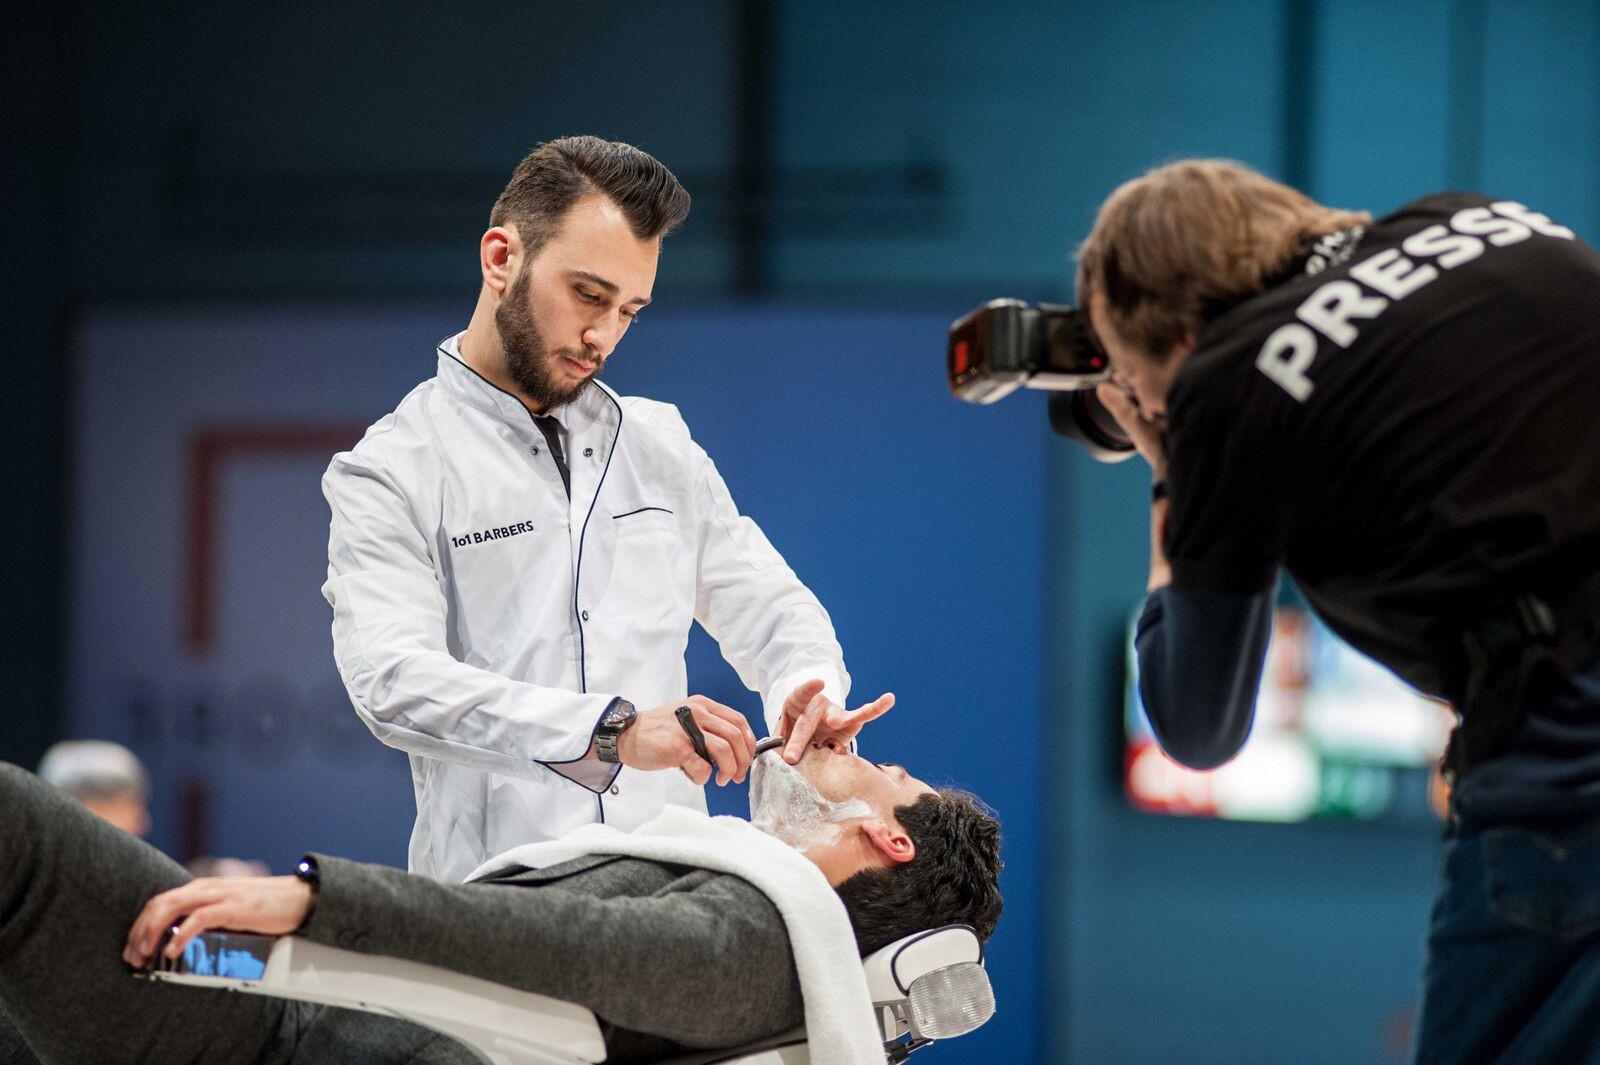 Das Bild zeigt einen Barber bei der Arbeit. Ein Fotograf von der Presse macht ein Foto davon.